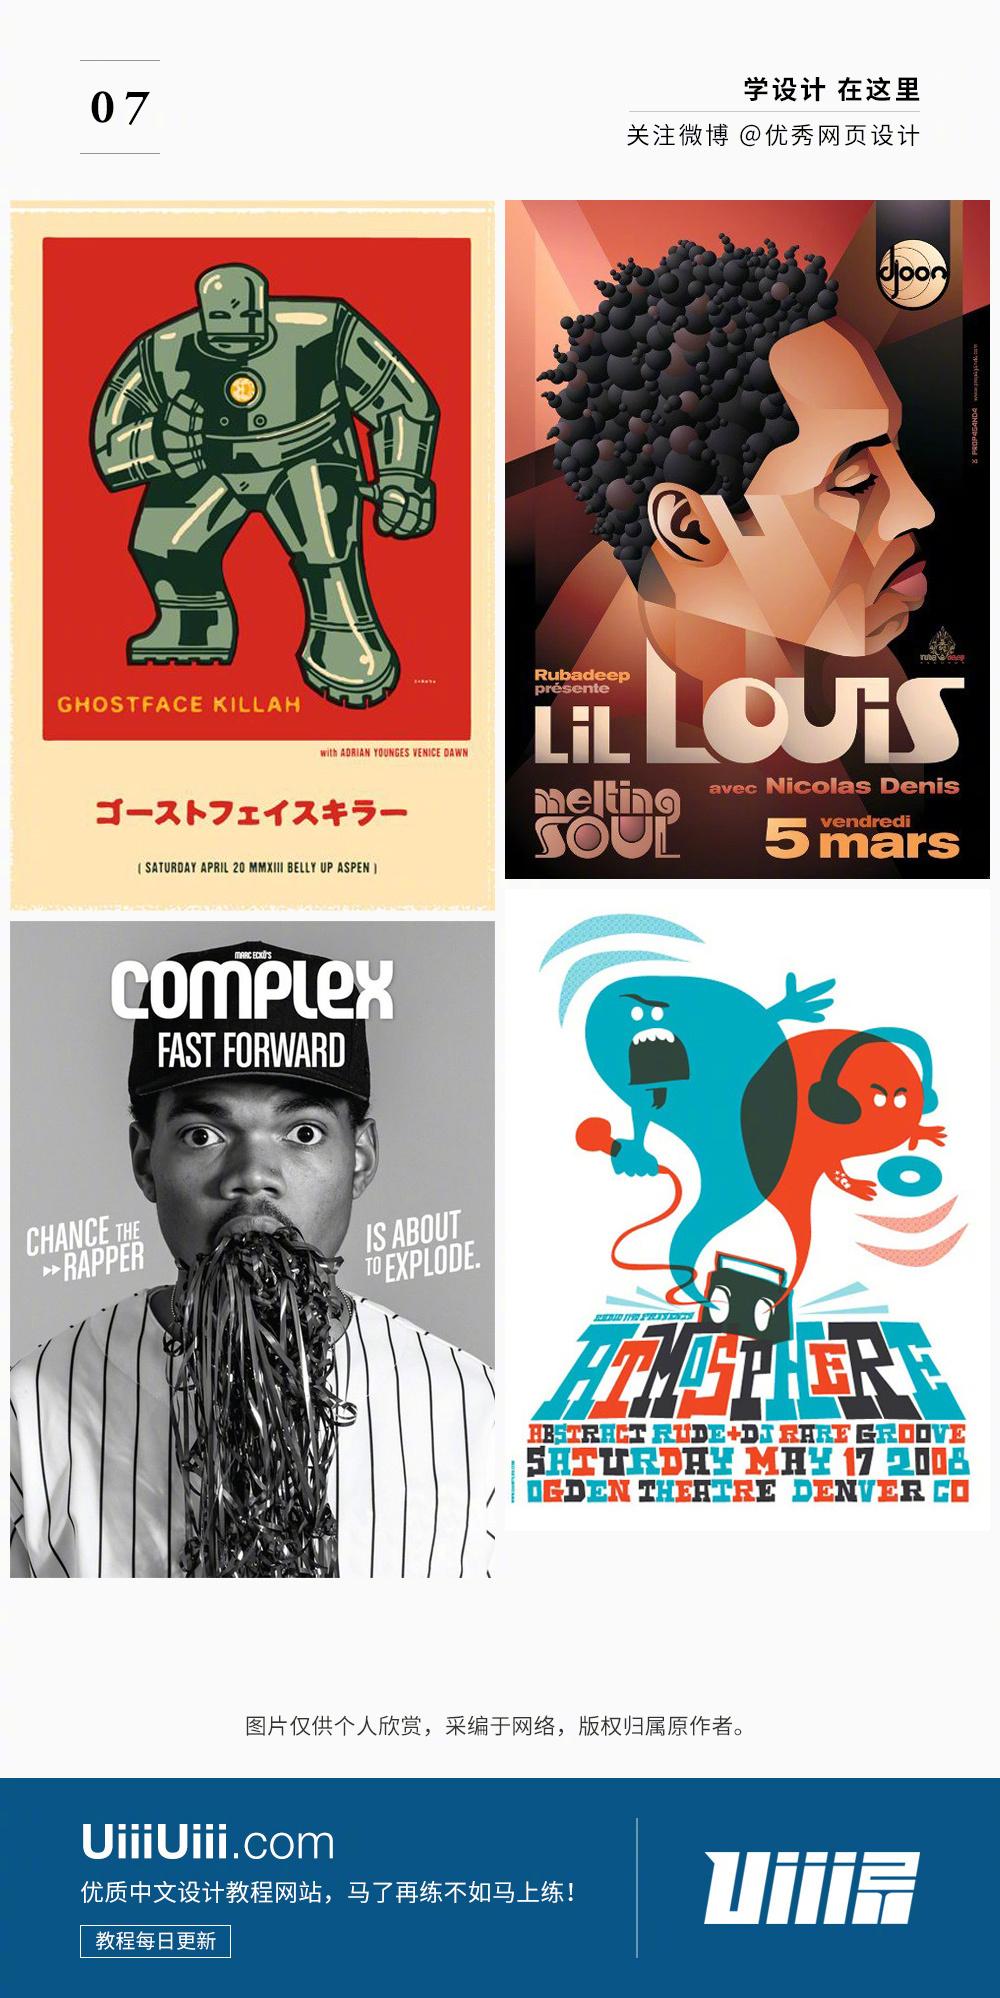 中国新说唱!几十张嘻哈文化图形设计